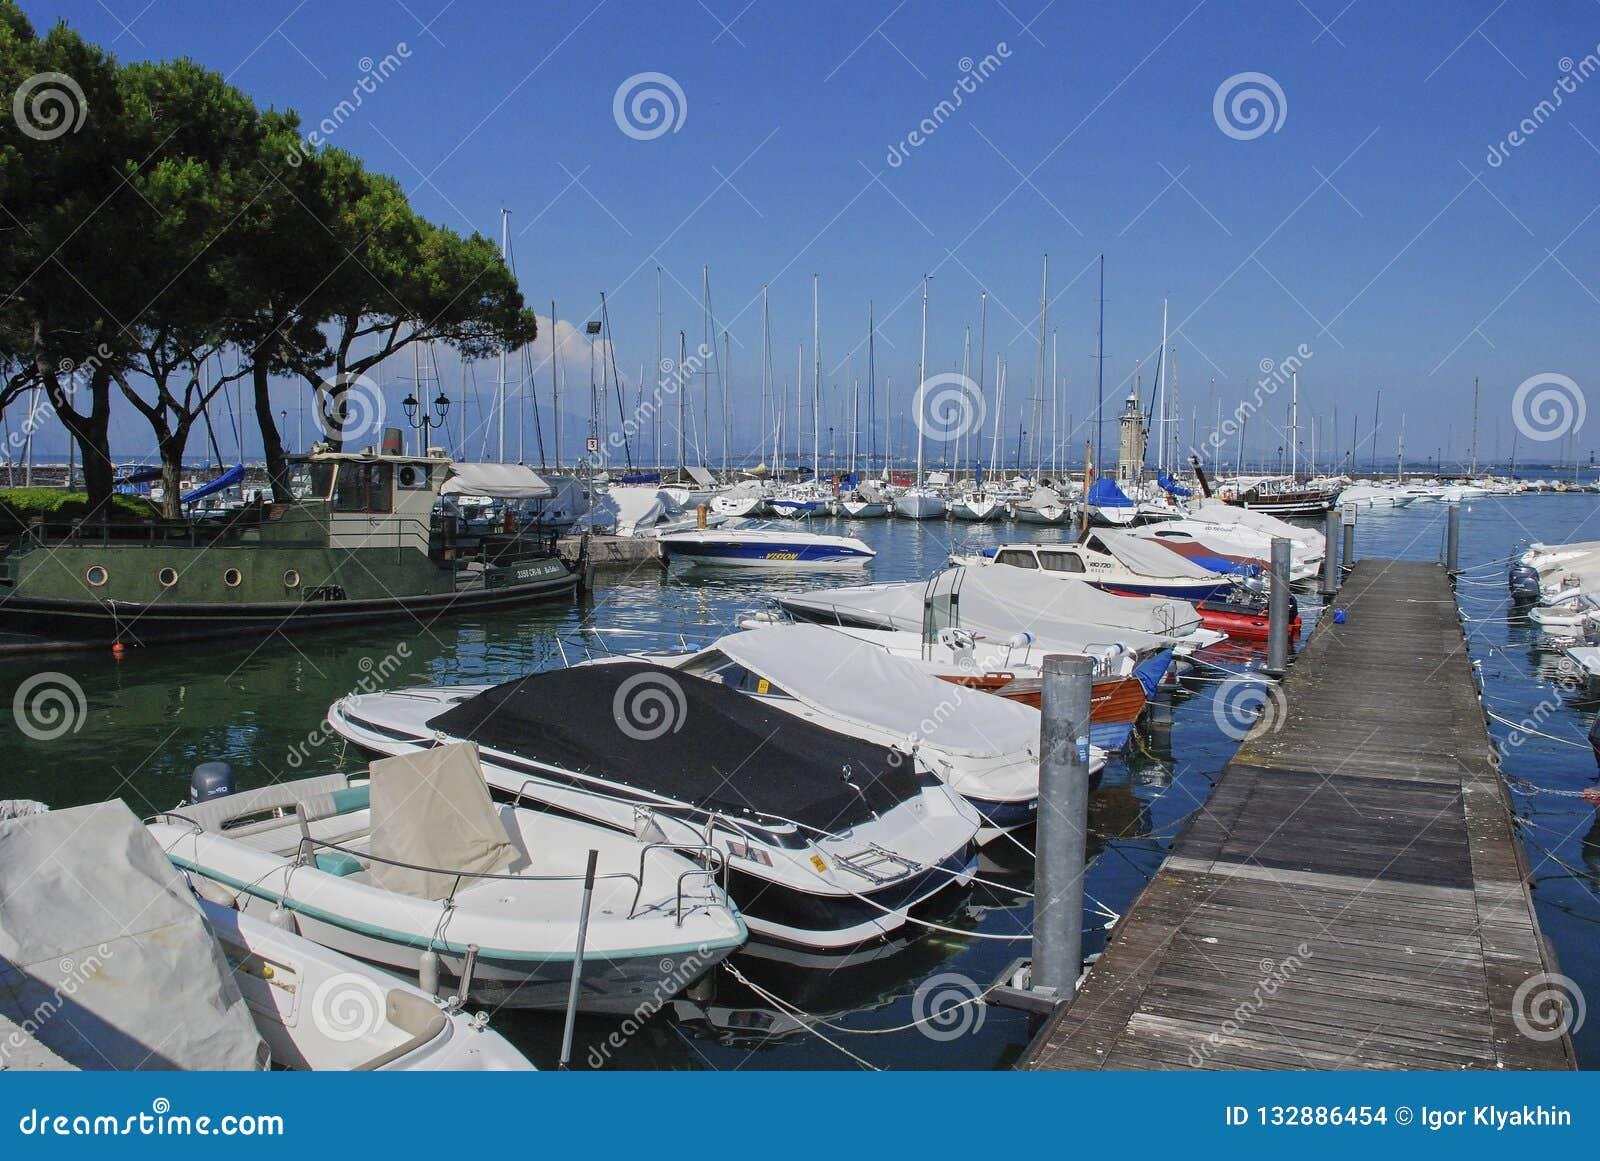 Desenzano del Garda Italien, fartyg står på pir